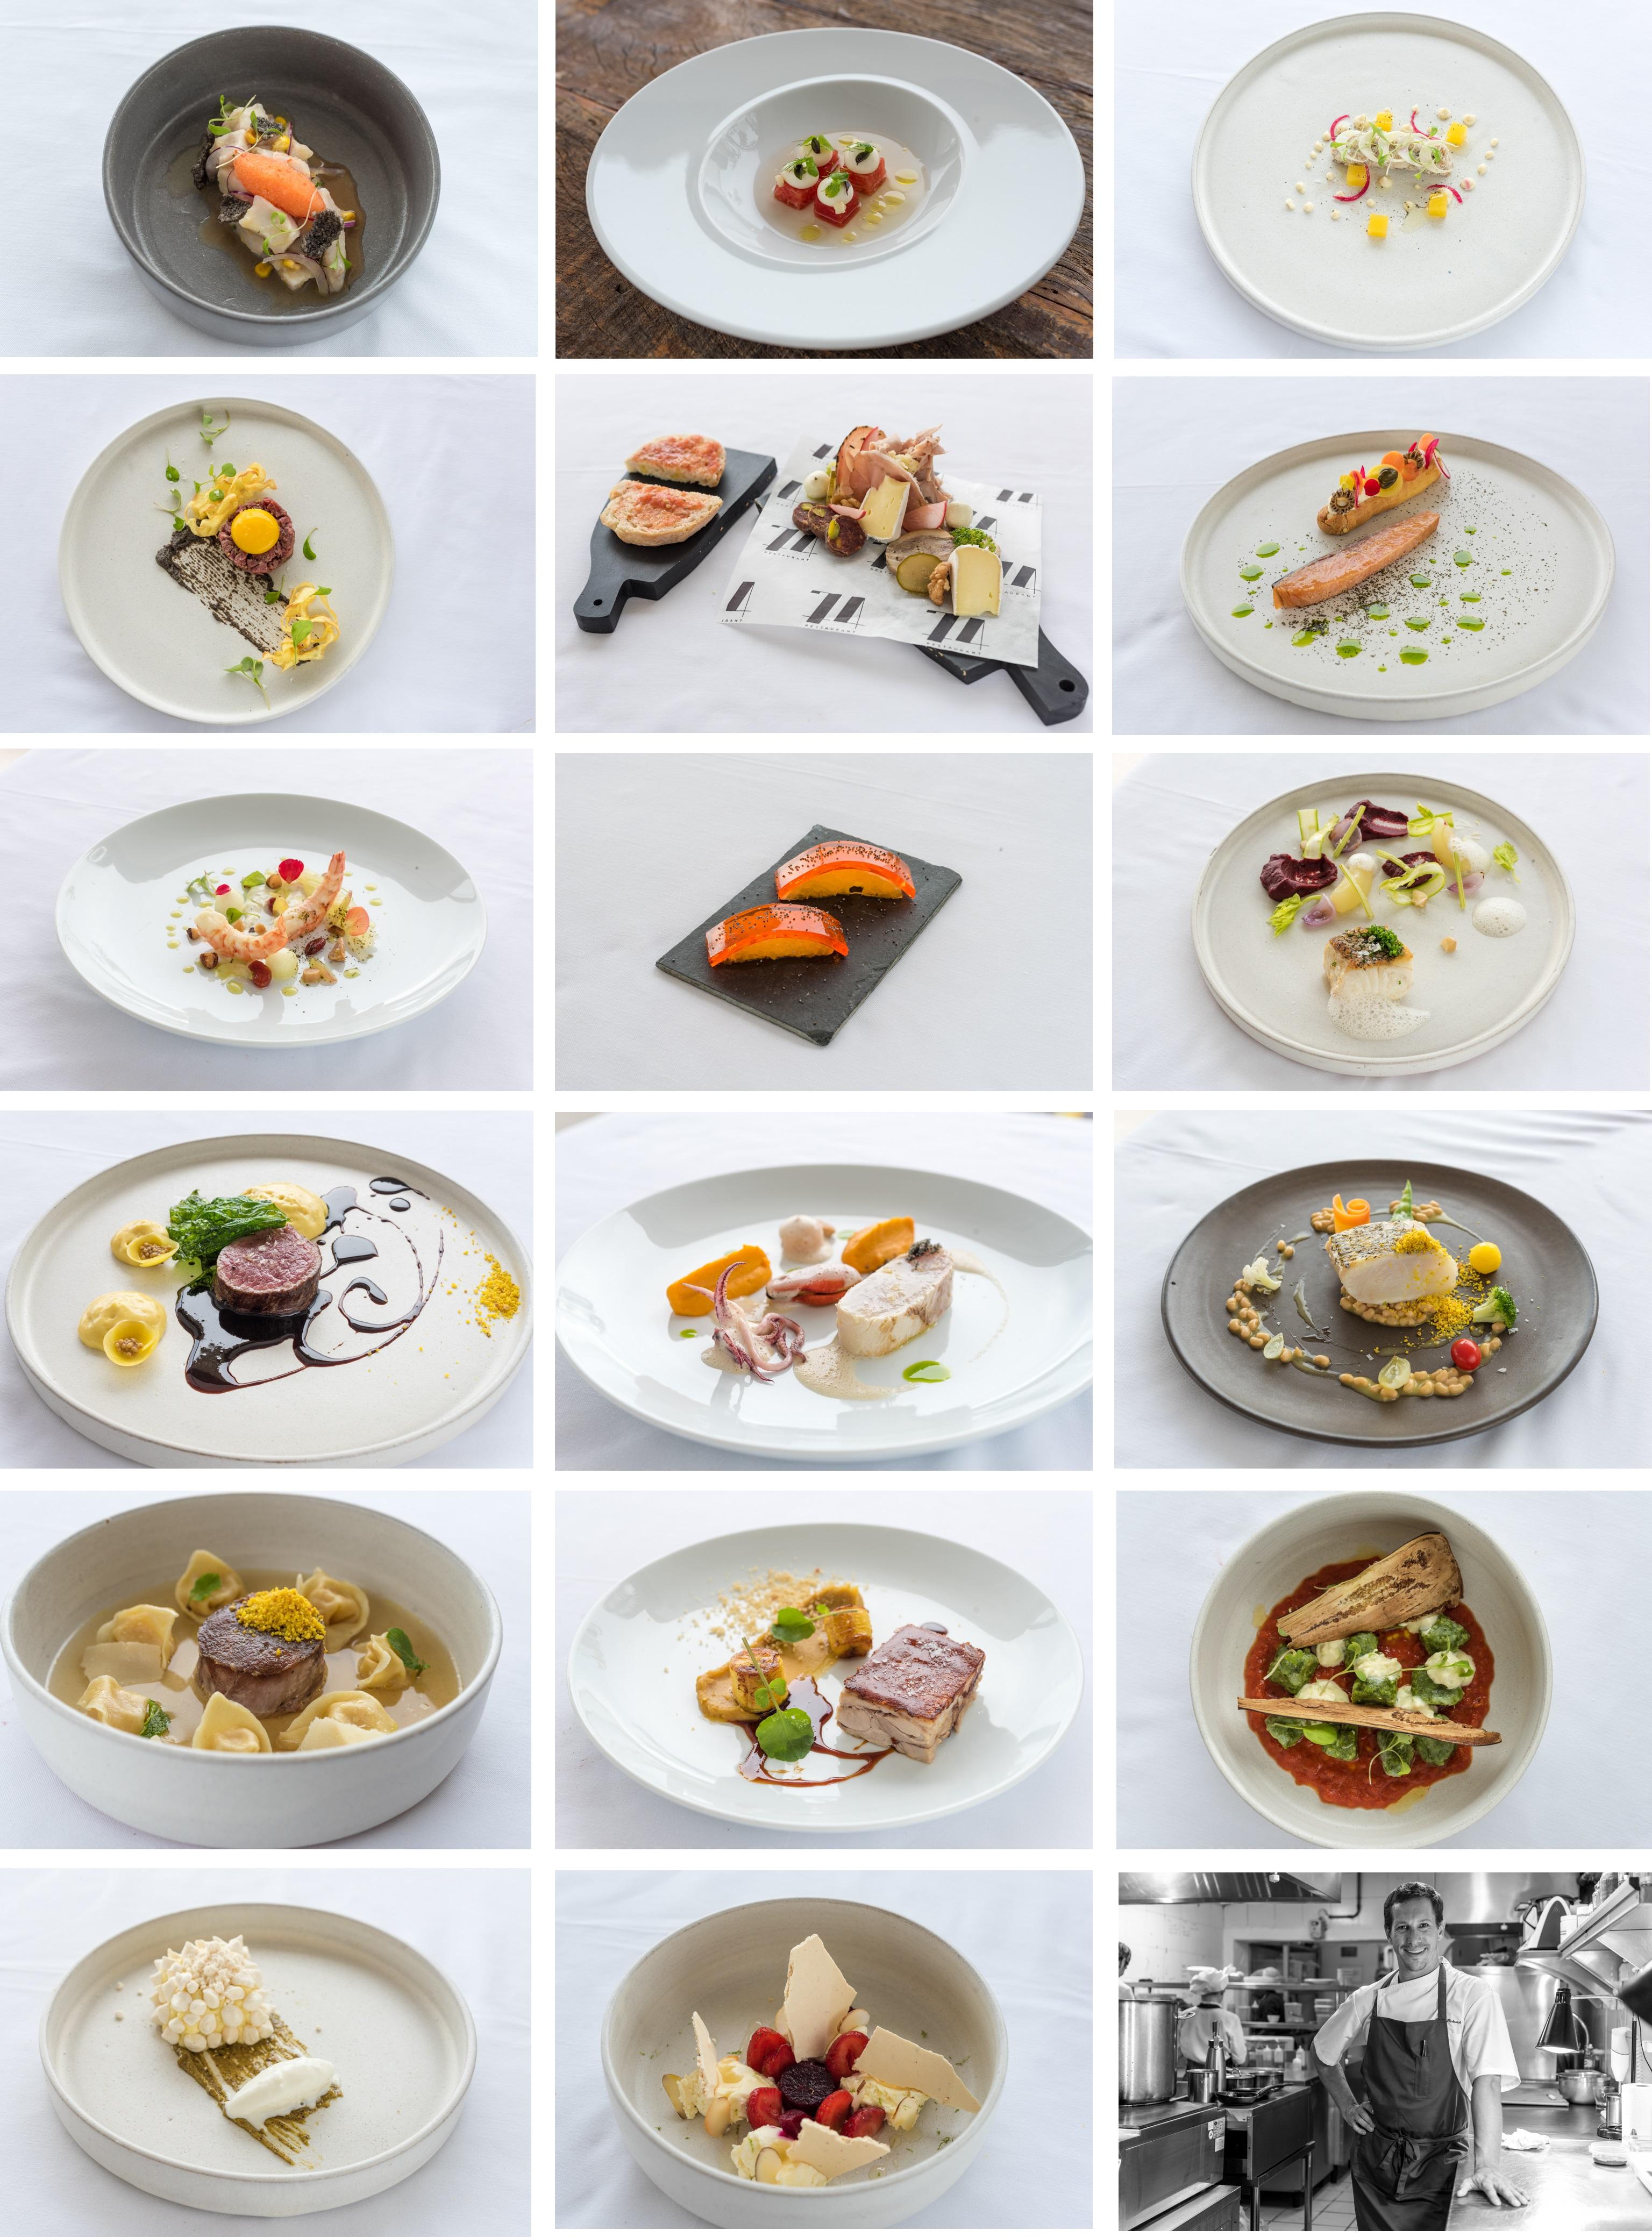 _DP09239_Restaurante_74_@danielpinheiro